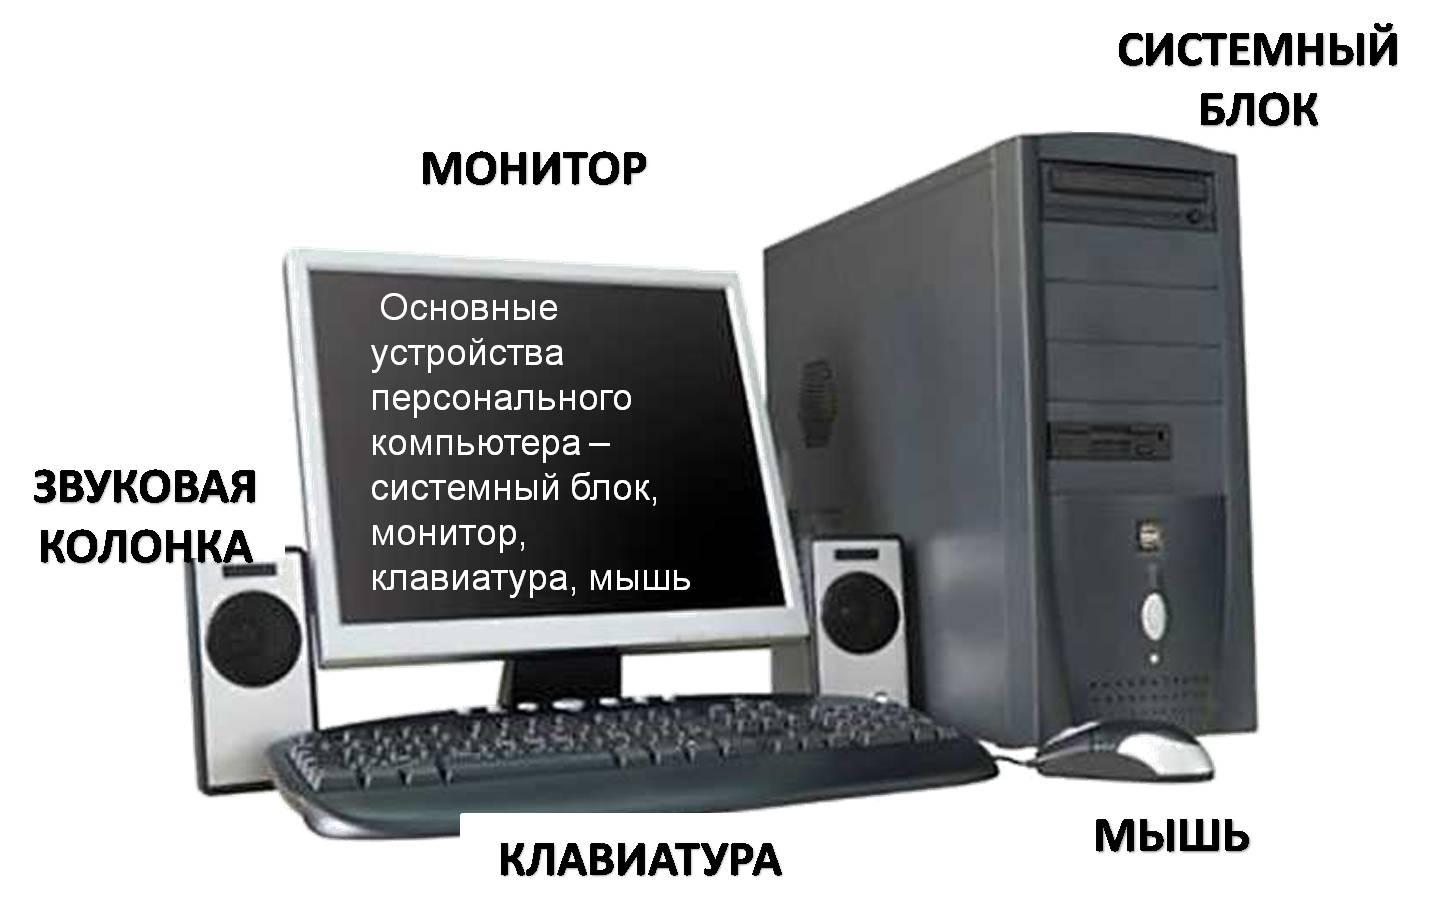 Процессор устройство ввода 3